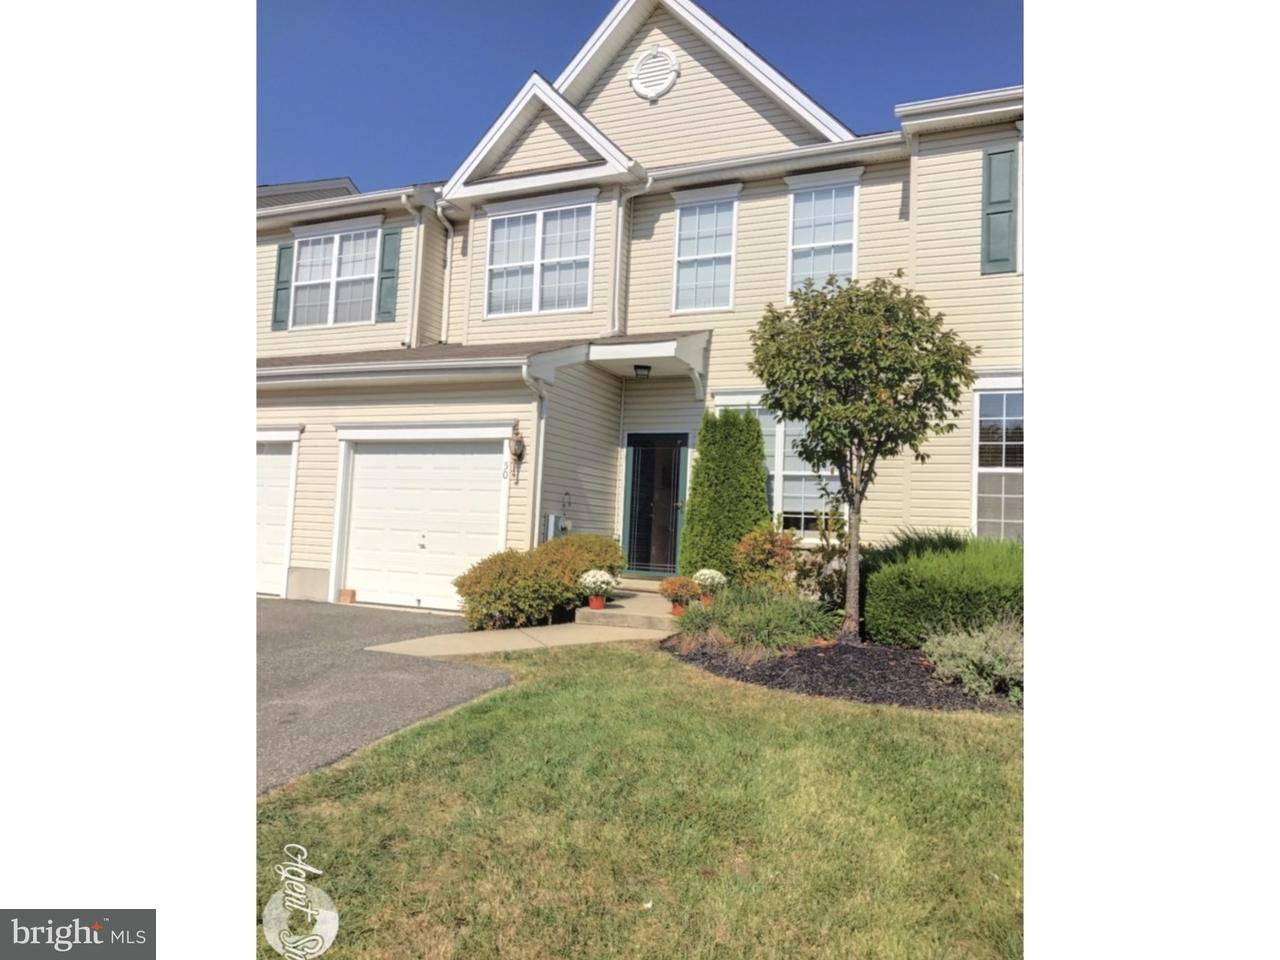 Casa unifamiliar adosada (Townhouse) por un Alquiler en 50 STILL RUN Clayton, Nueva Jersey 08312 Estados Unidos